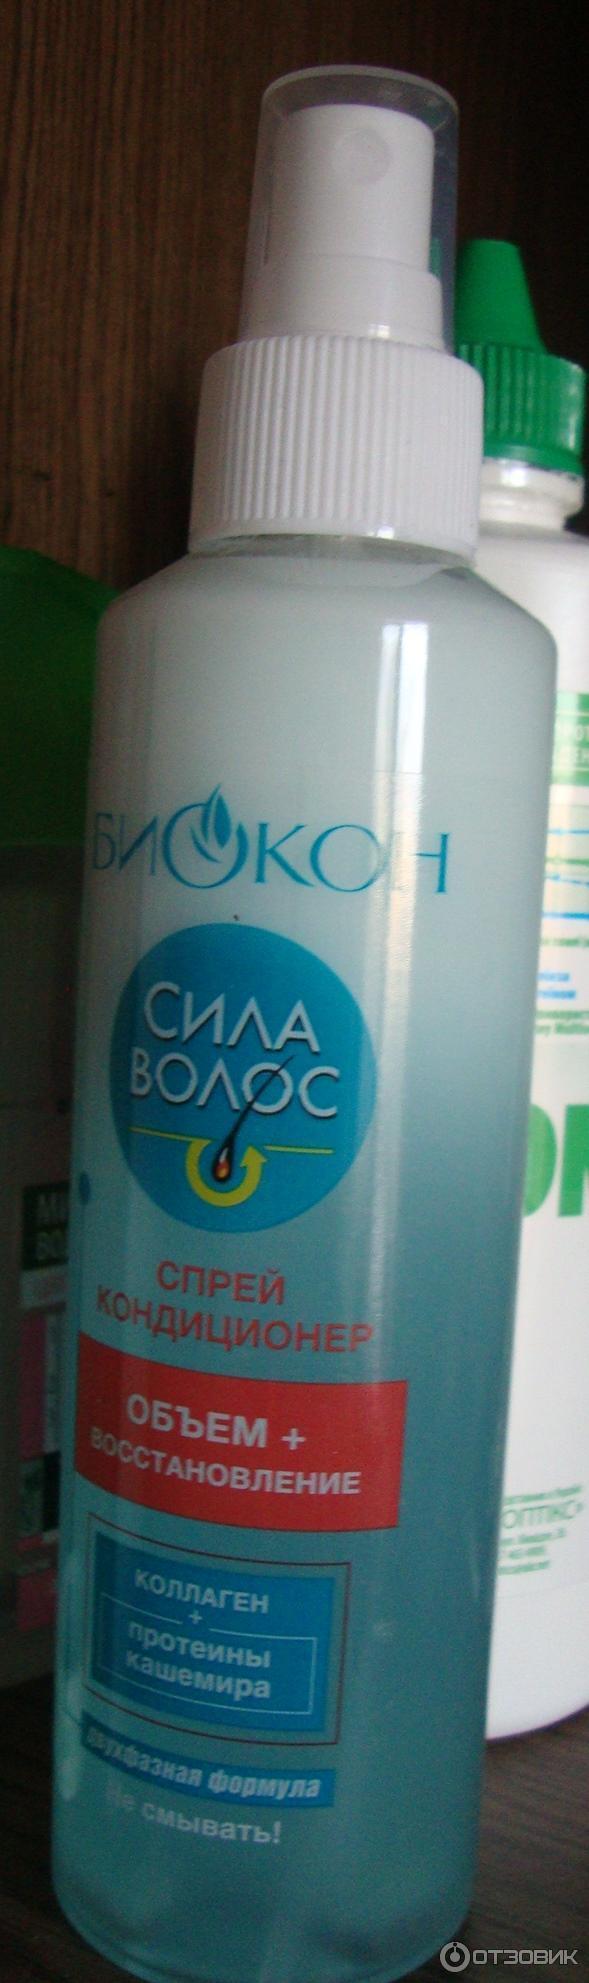 Спрей для волос в домашних условиях: подборка лучших рецептов 2